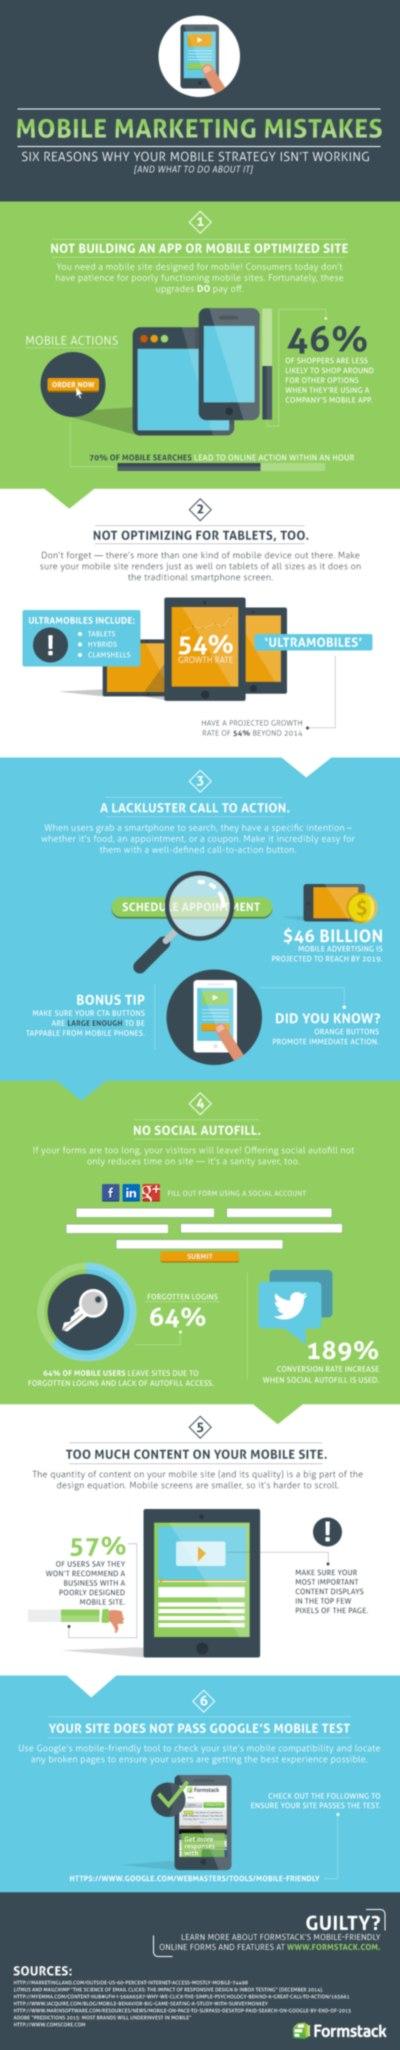 avoid mobilegeddon